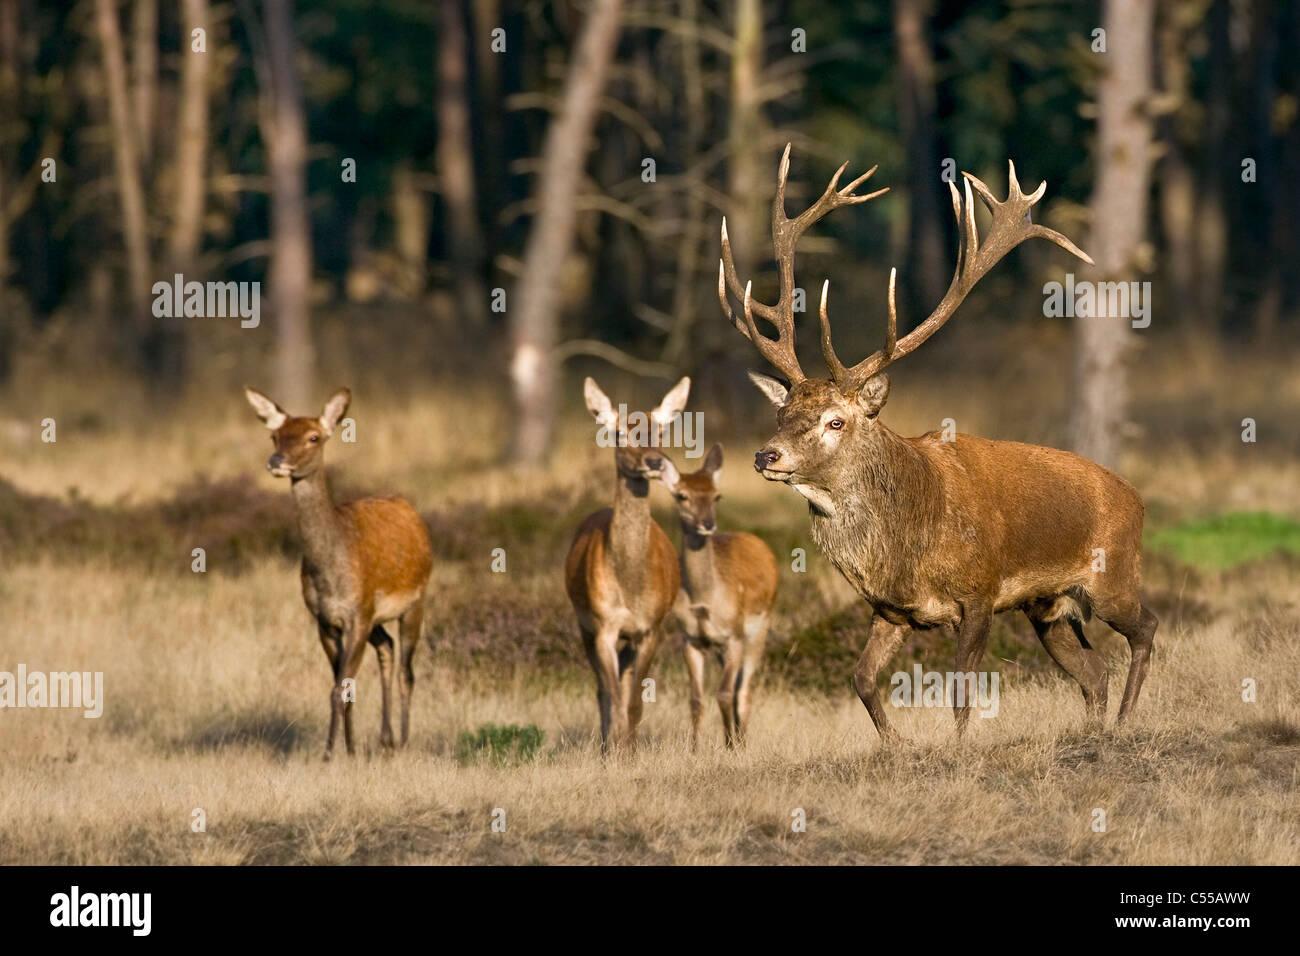 Los Países Bajos, Otterlo, llamado Parque Nacional De Hoge Veluwe. Ciervo rojo (Cervus elaphus). Imagen De Stock